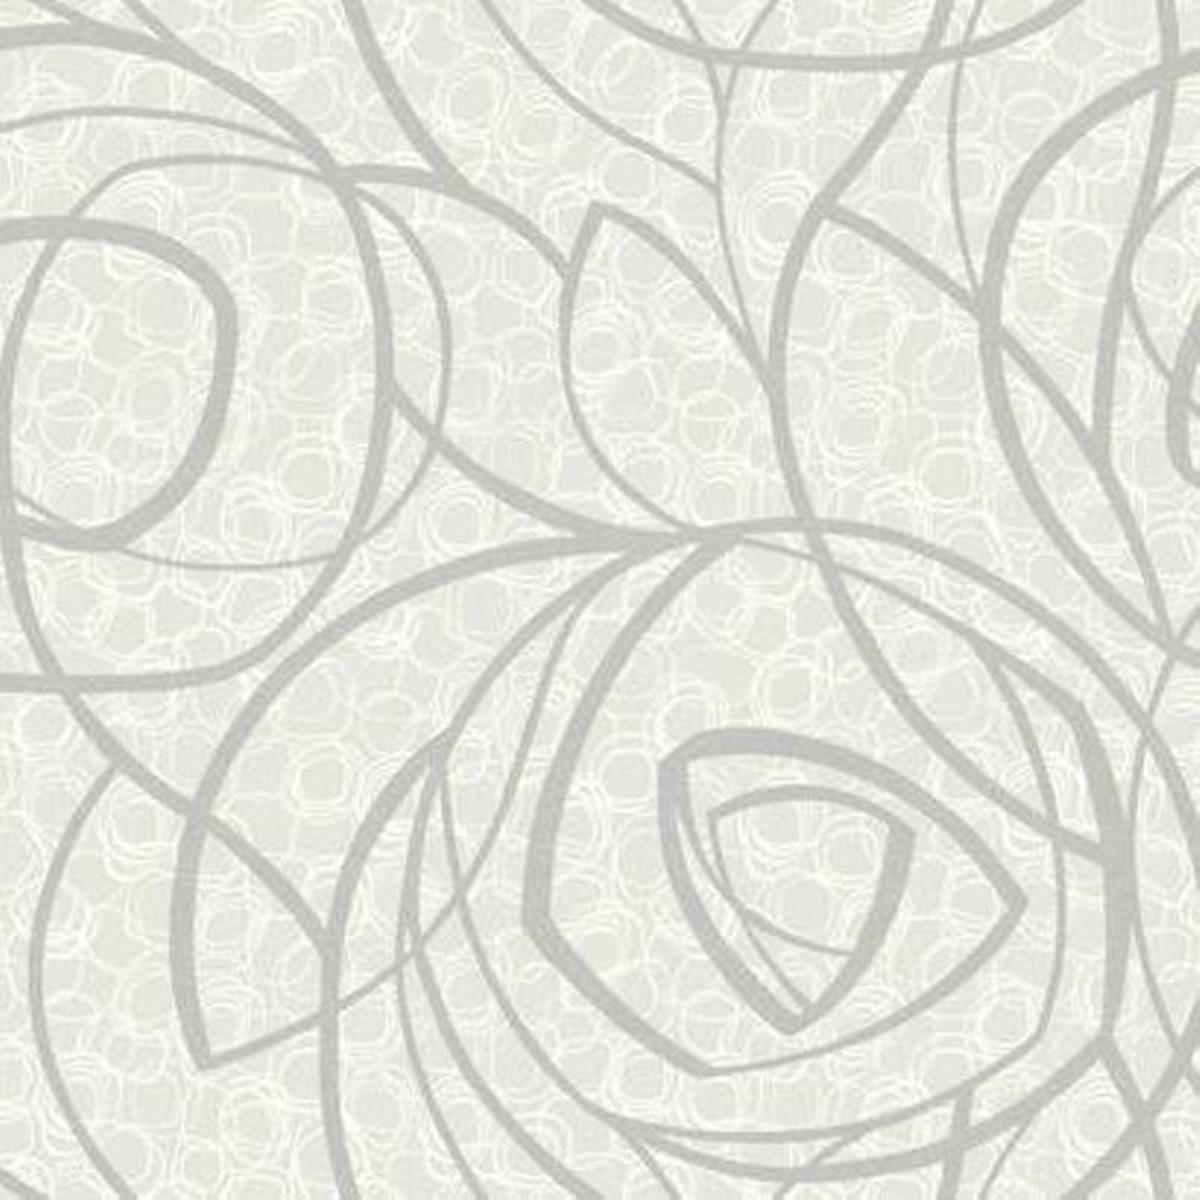 Обои бумажные York Wallcoverings Wallpapher бежевые WH2664 0.68 м